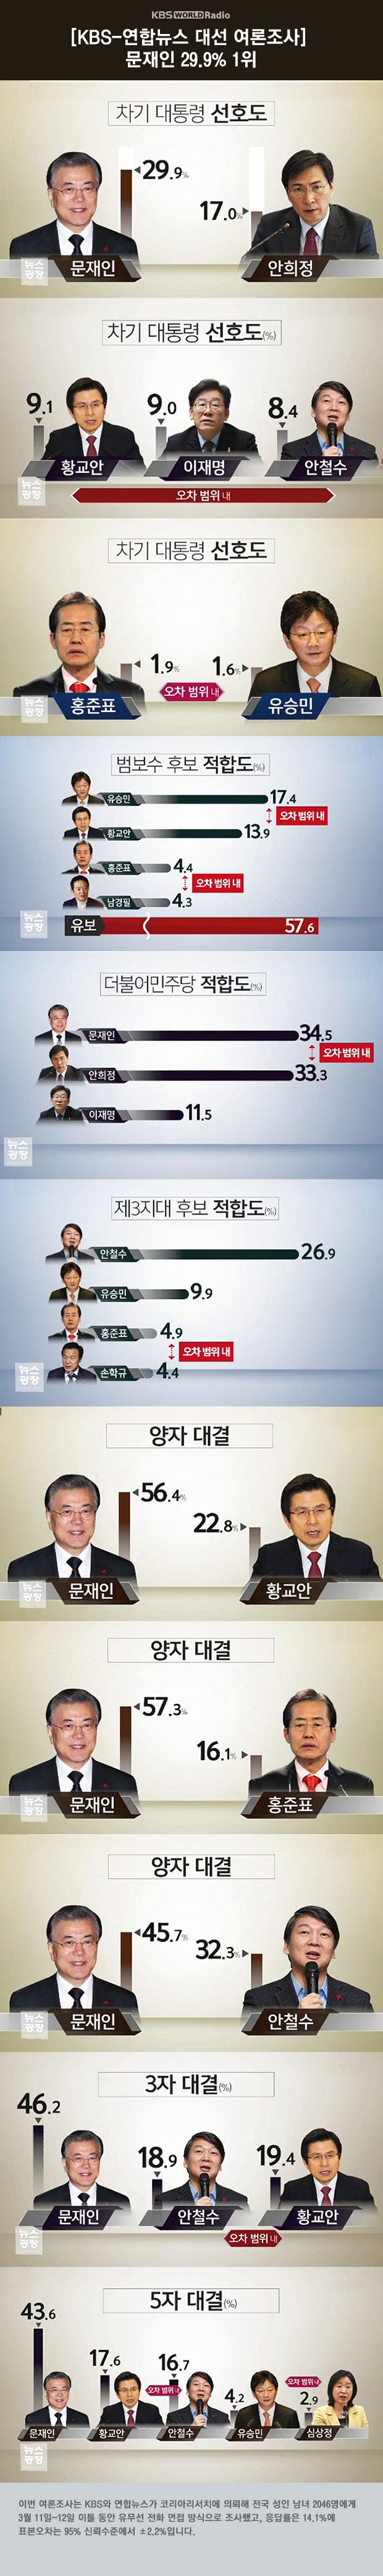 KBS-연합뉴스 대선 여론조사